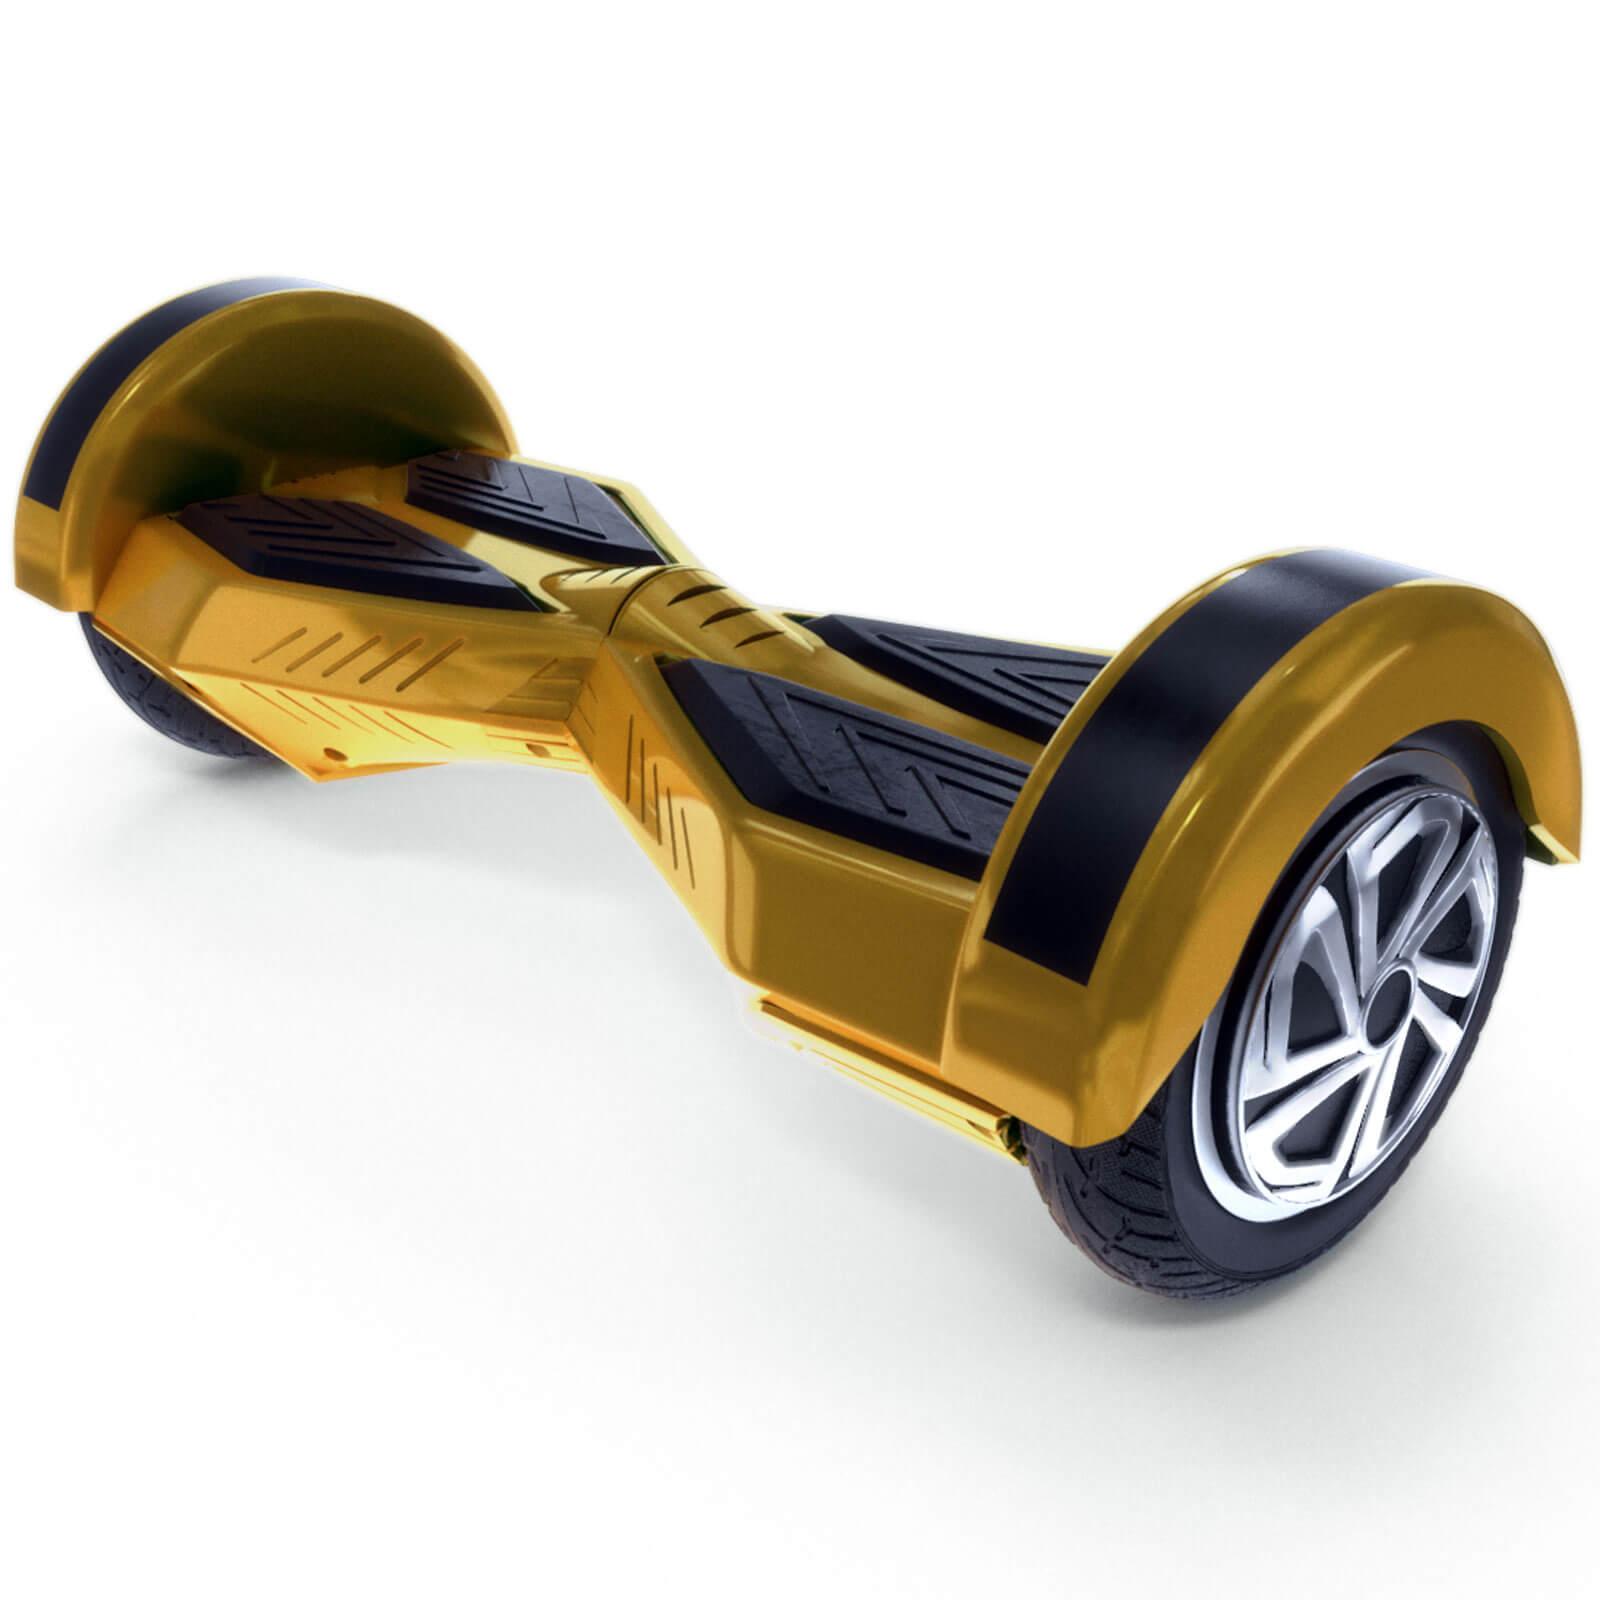 Gold Color Lamborghini Style Hoverboard1